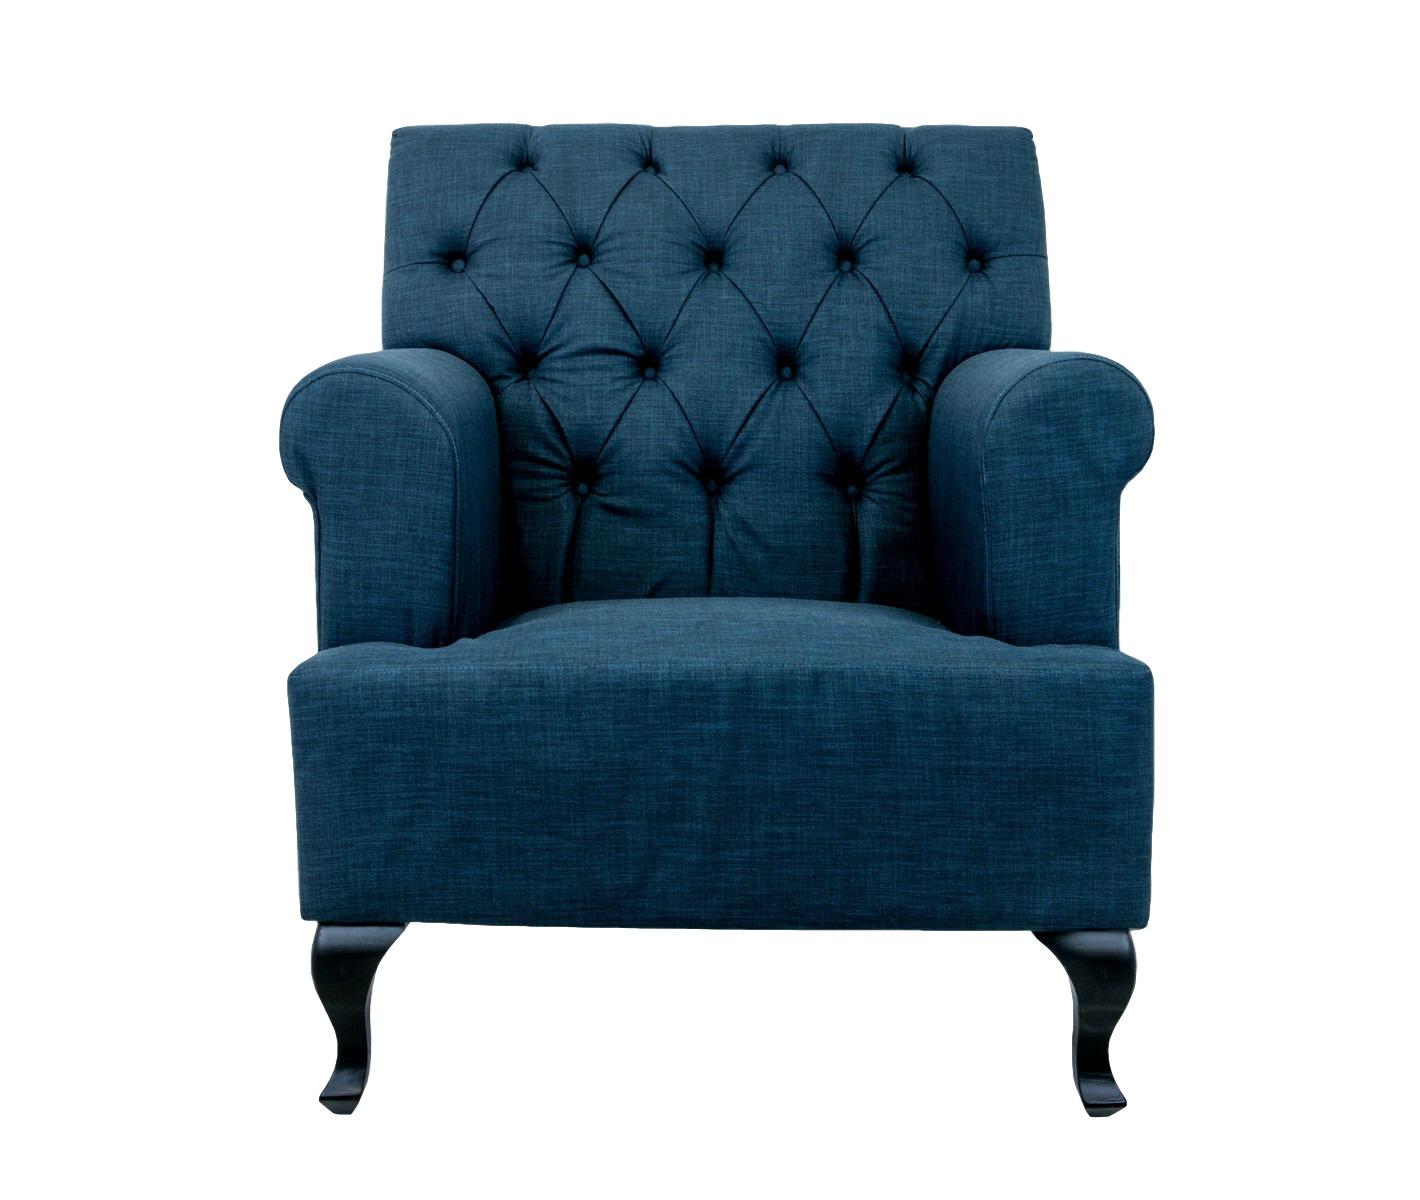 Кресло KanielИнтерьерные кресла<br>Кресло Kaniel отличается нестареющим дизайном, оно никогда не выйдет из моды. Кресло выполнено полностью вручную из дерева и натуральных тканей. <br>Глубина 90 <br>Высота 110 <br>Ширина 90 <br>Диаметр - <br>Материал Лен <br>Цвет Синий<br><br>Material: Лен<br>Width см: 90<br>Depth см: 90<br>Height см: 110